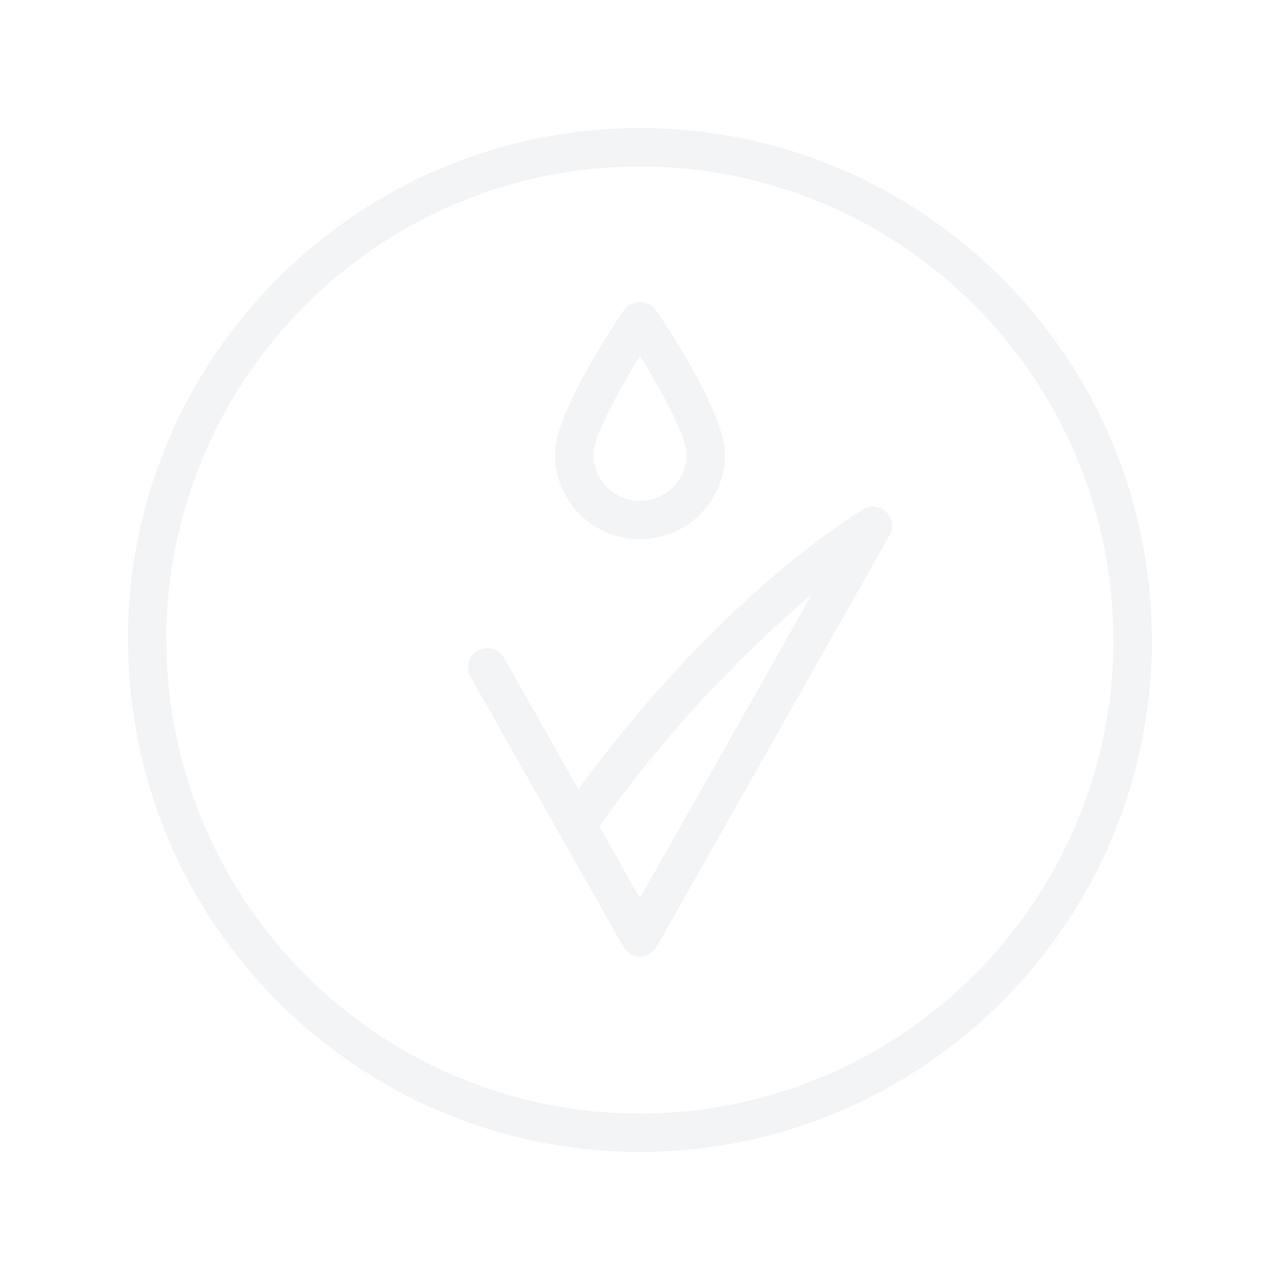 Eylure Pro-Lash Individuals Eyelashes Gift Set